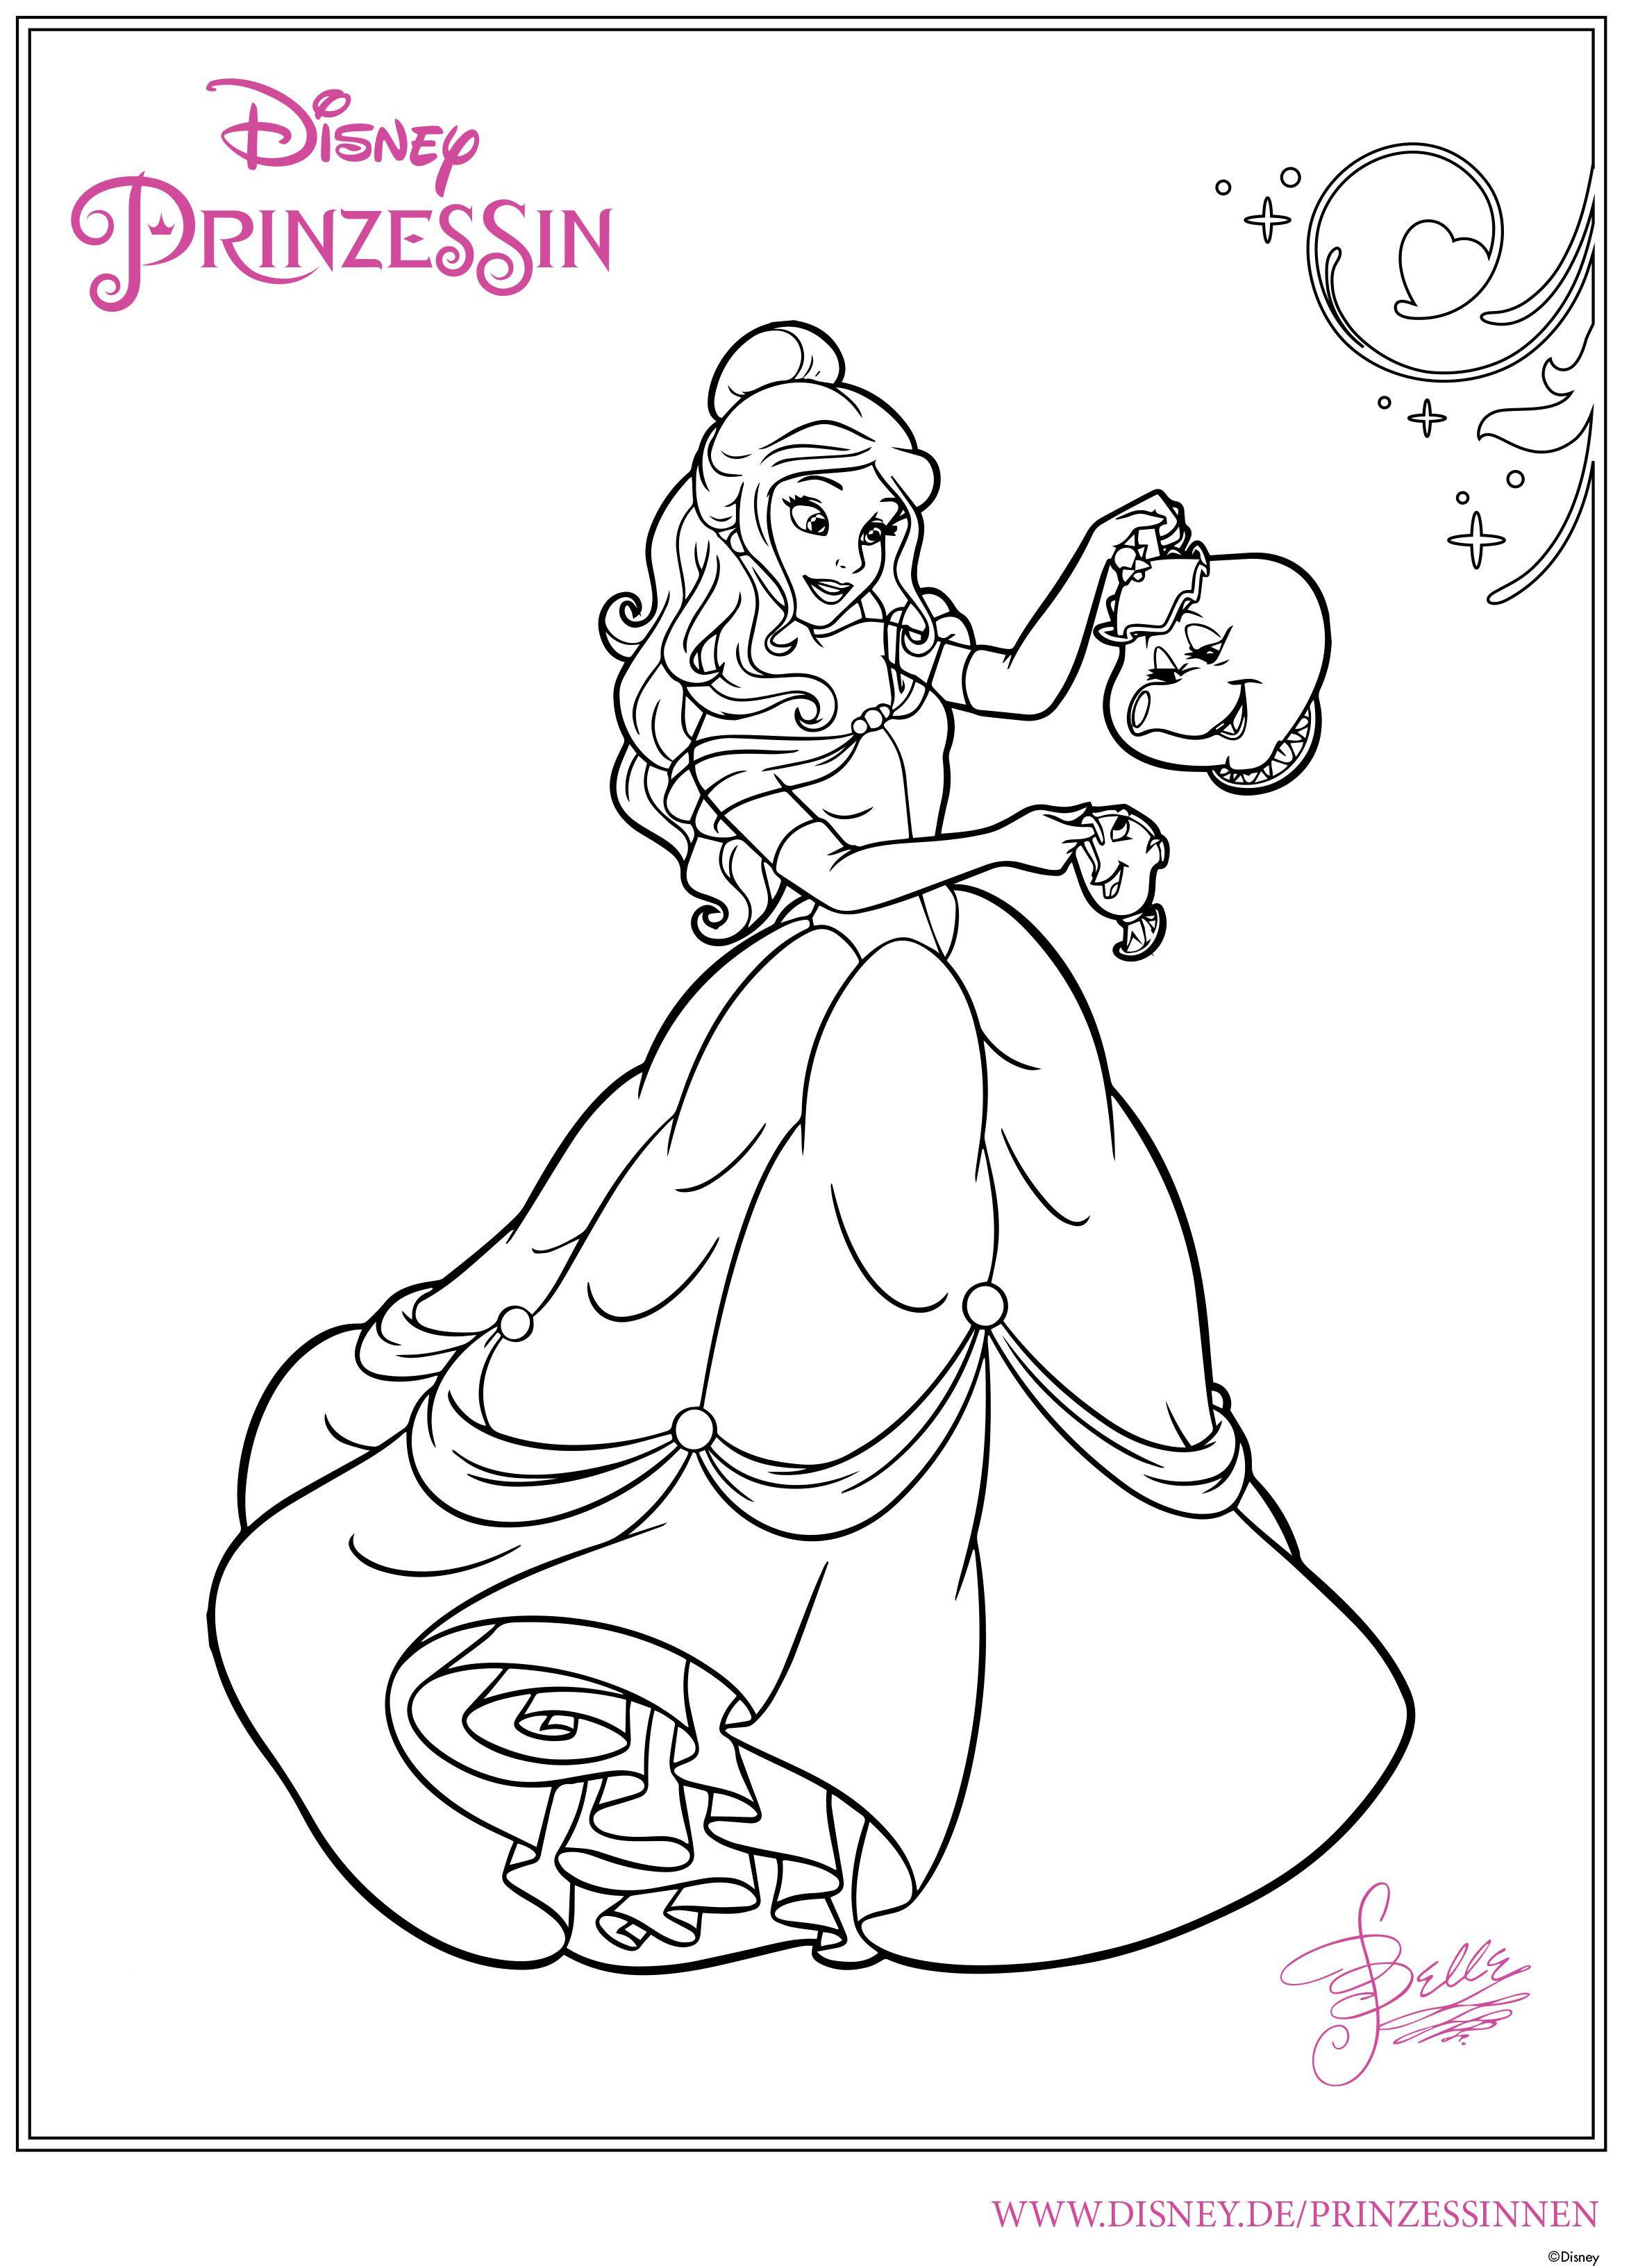 Ausmalbilder Prinzessin Vorlagen Genial Ausmalbilder Belle 346 Malvorlage Alle Ausmalbilder Y7du Stock